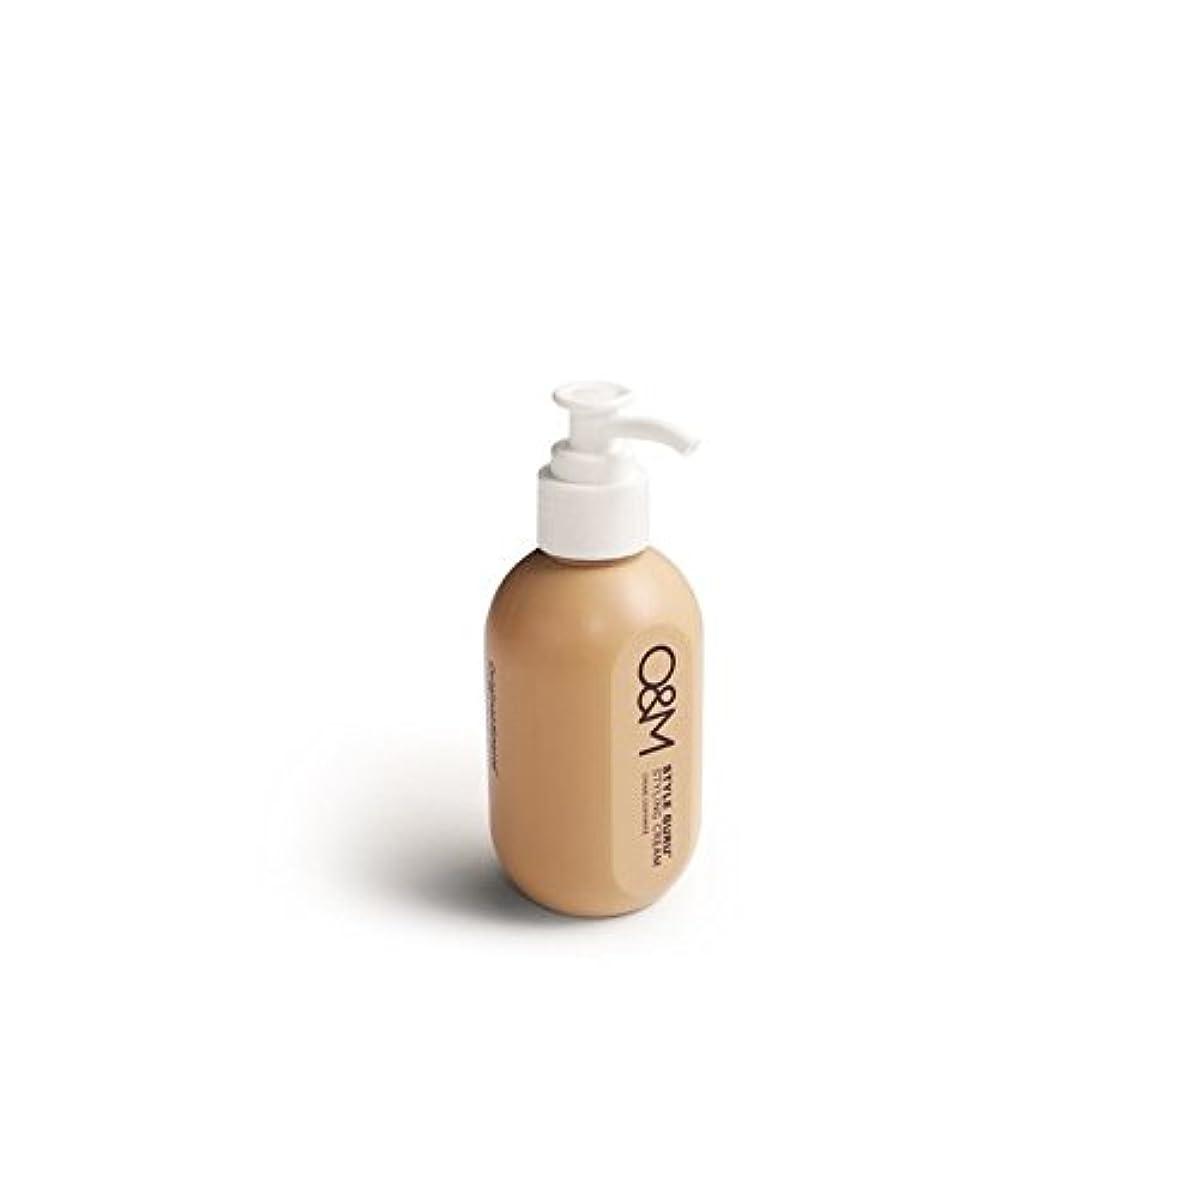 ゴミ箱を空にする多年生フローOriginal & Mineral Style Guru Styling Cream (150ml) - オリジナル&ミネラルスタイルの第一人者スタイリングクリーム(150ミリリットル) [並行輸入品]